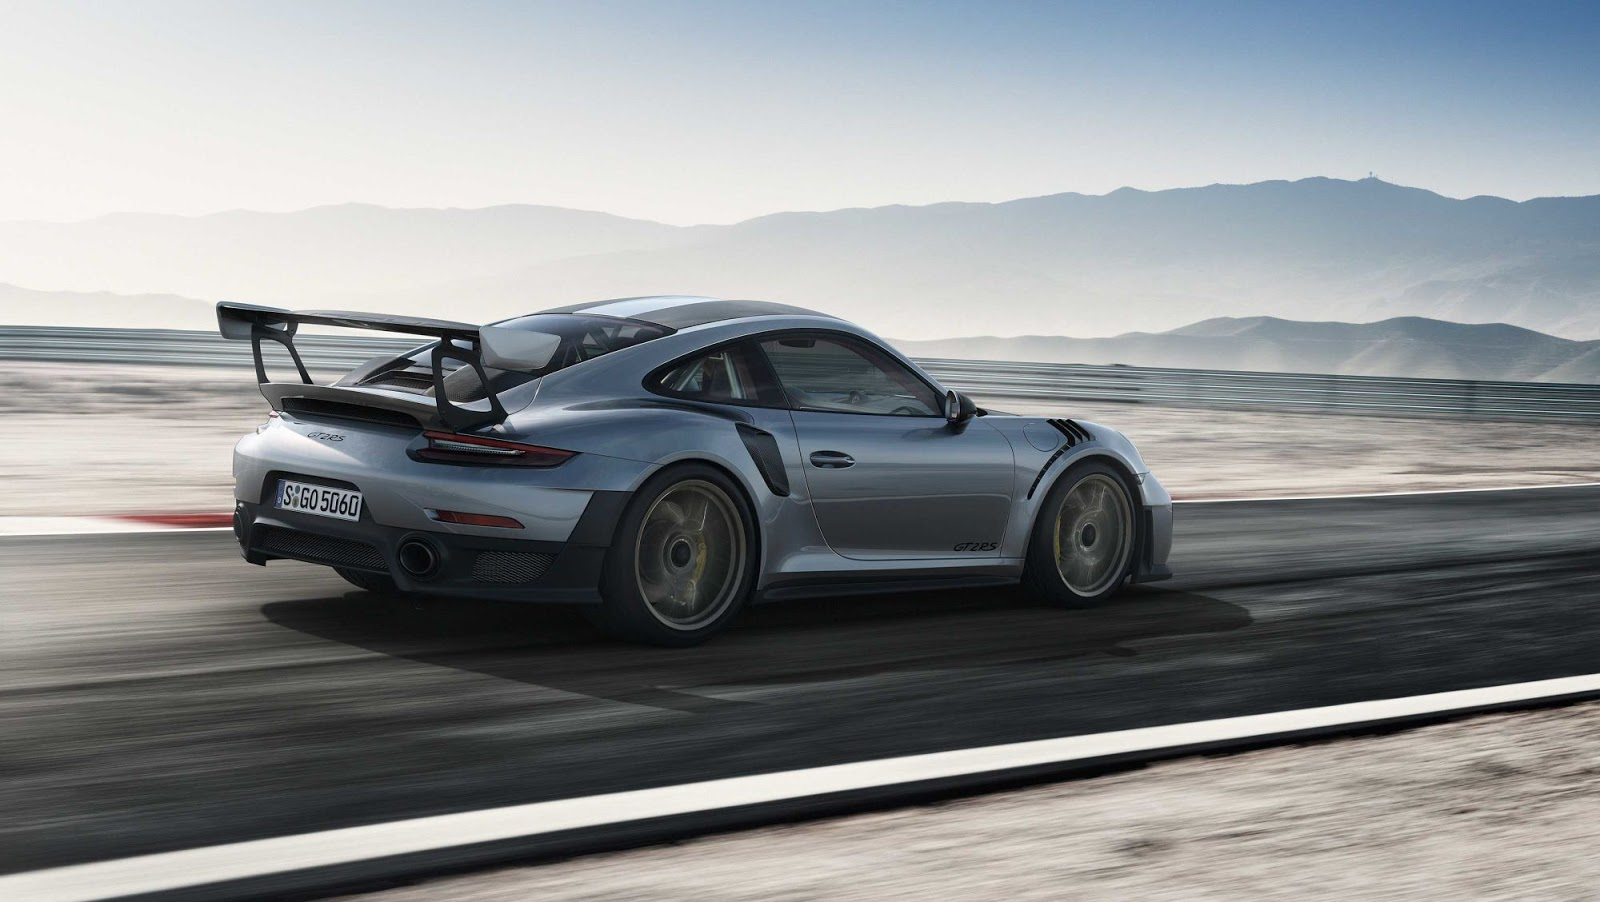 Porsche-911-GT2-RS-4